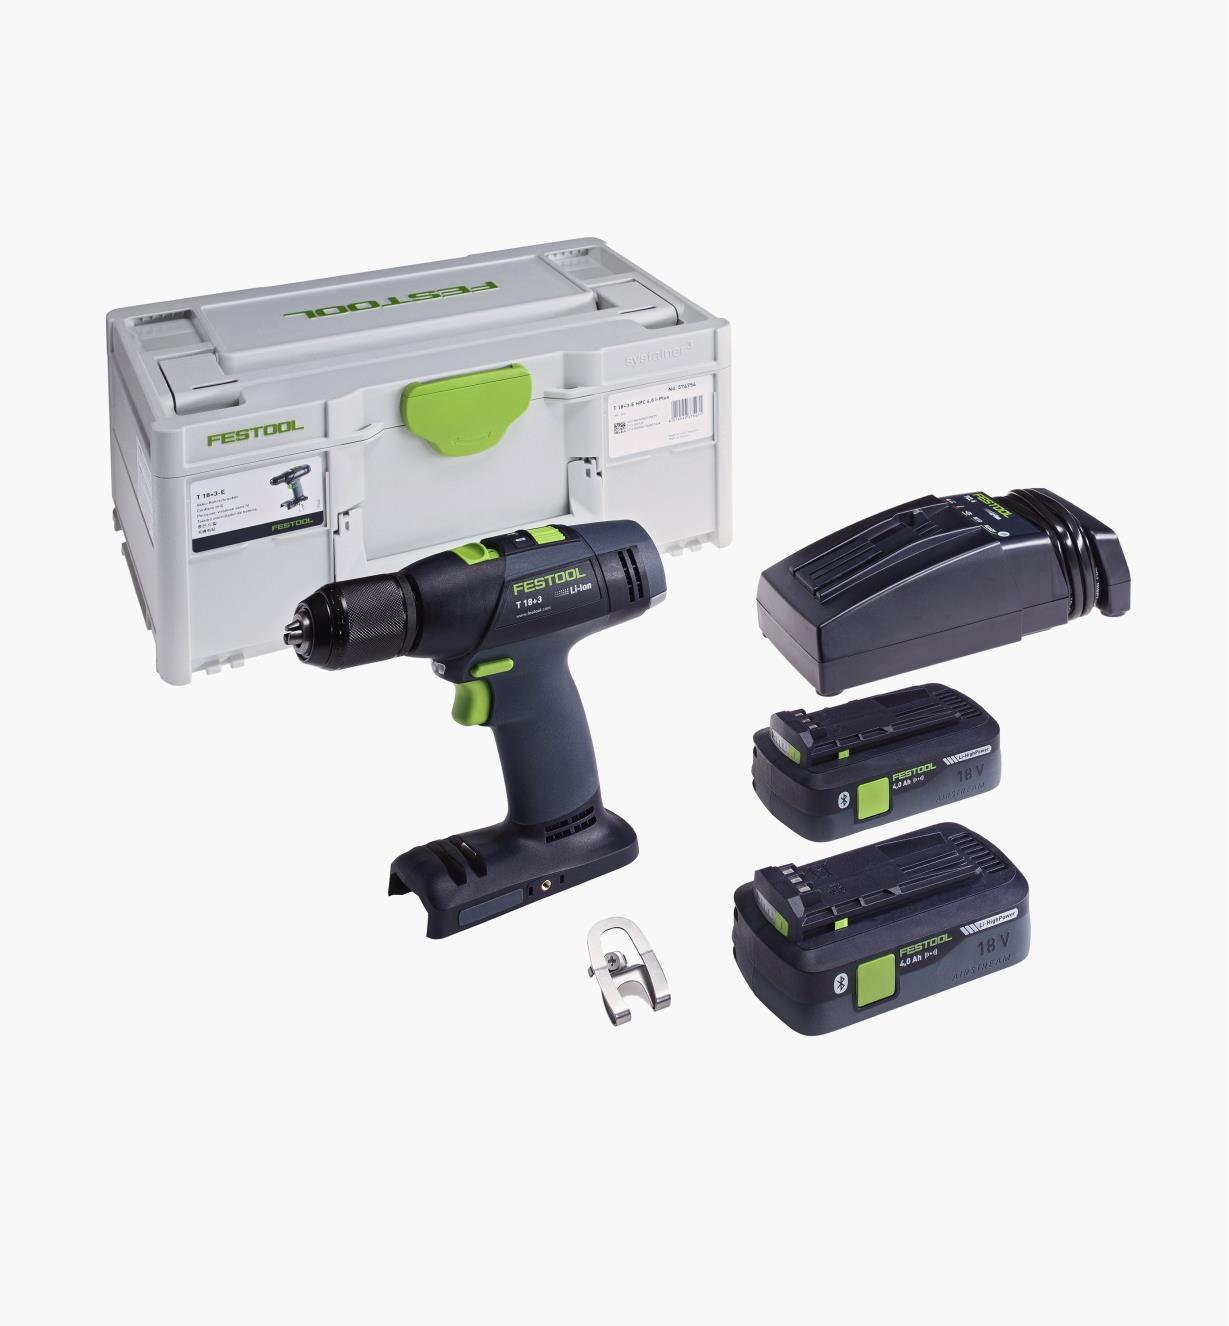 ZC576754 - Festool T 18 3 Easy Cordless Drill Plus